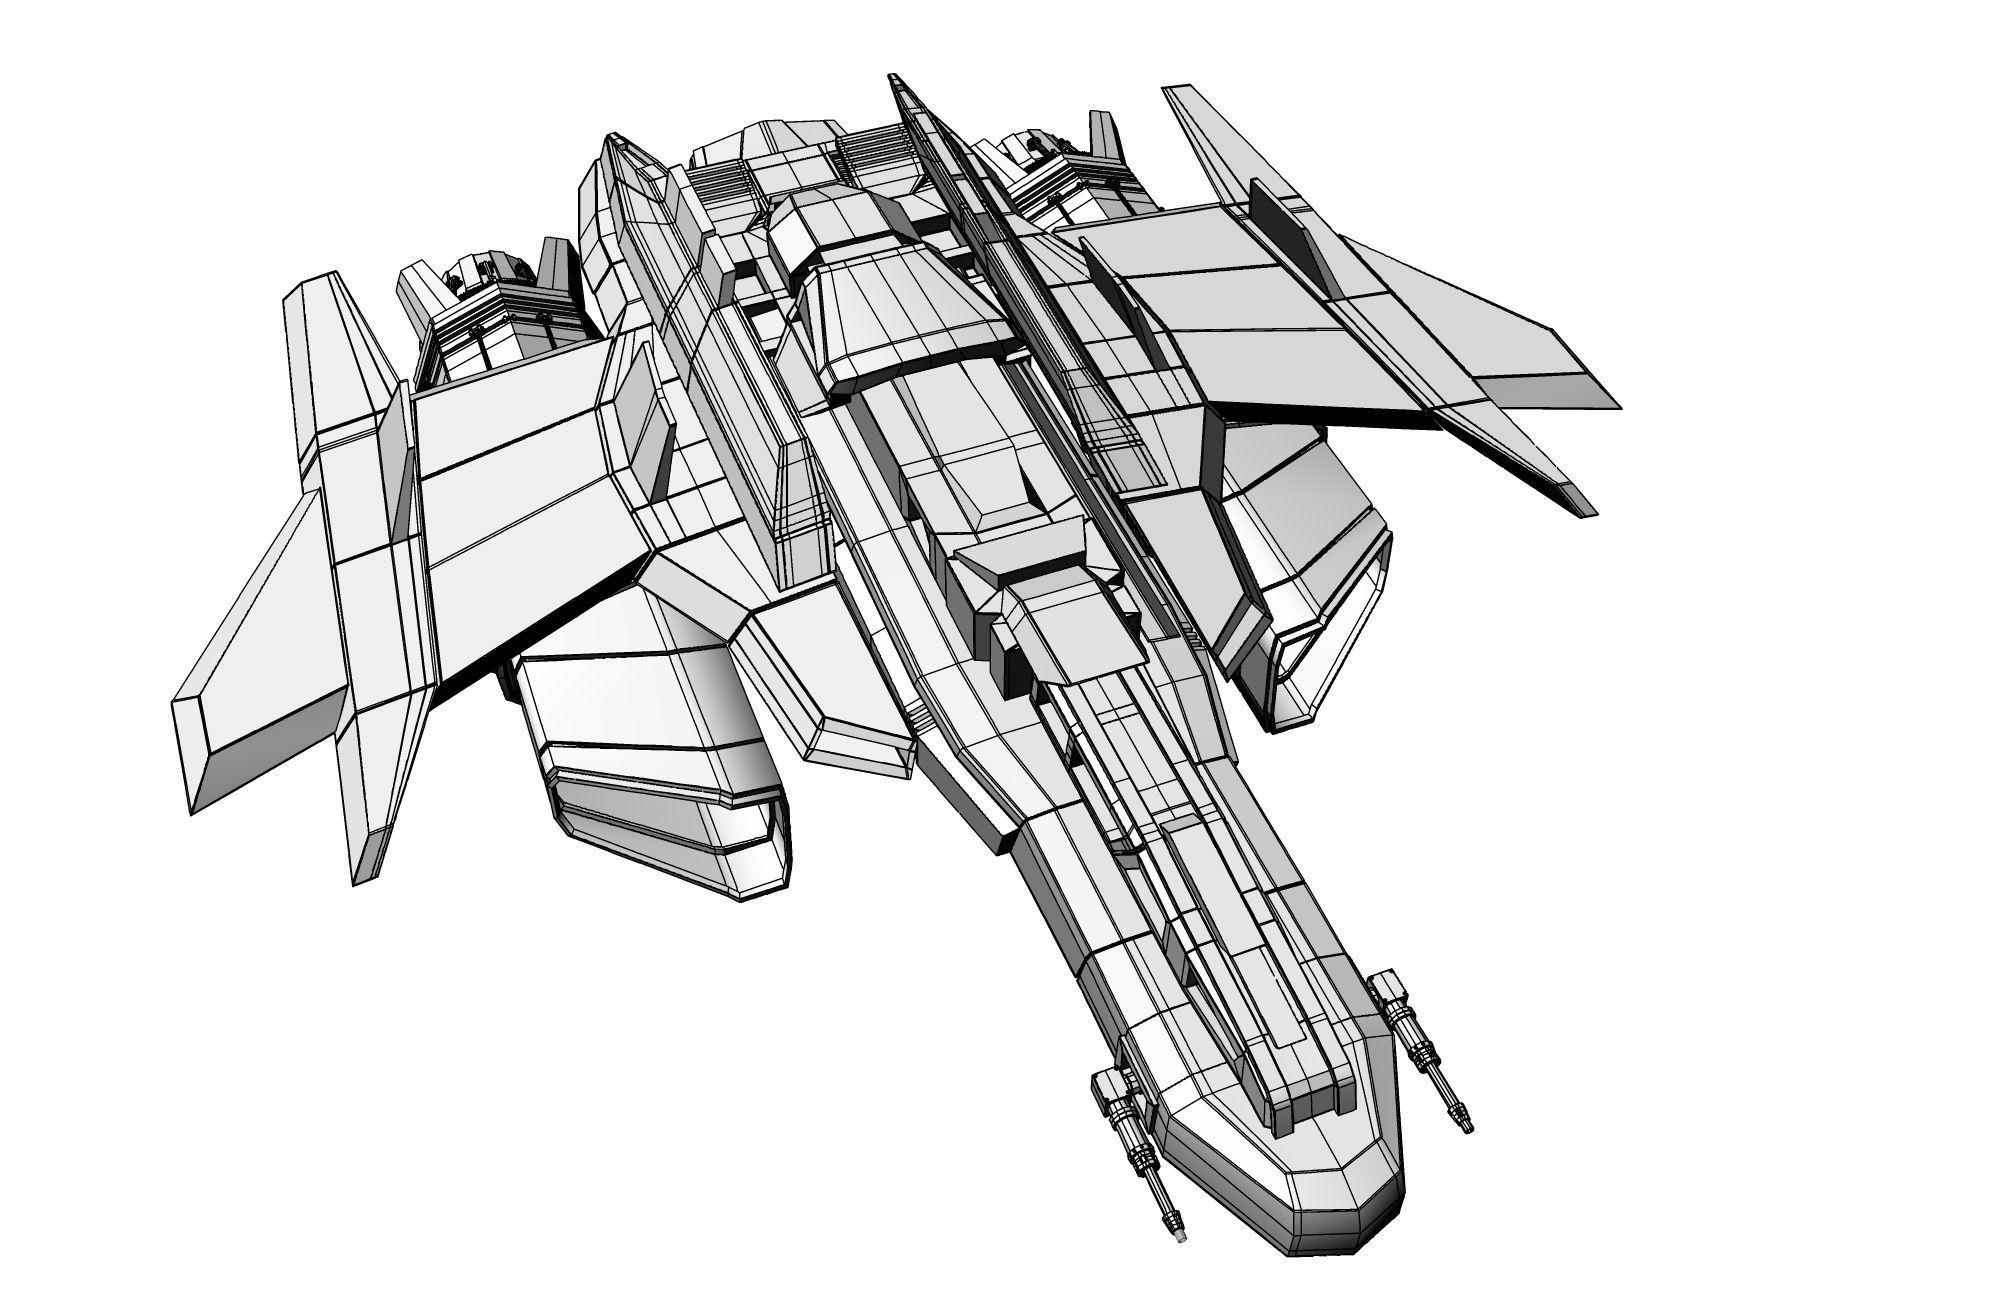 Spacecraft Drawing At Getdrawings